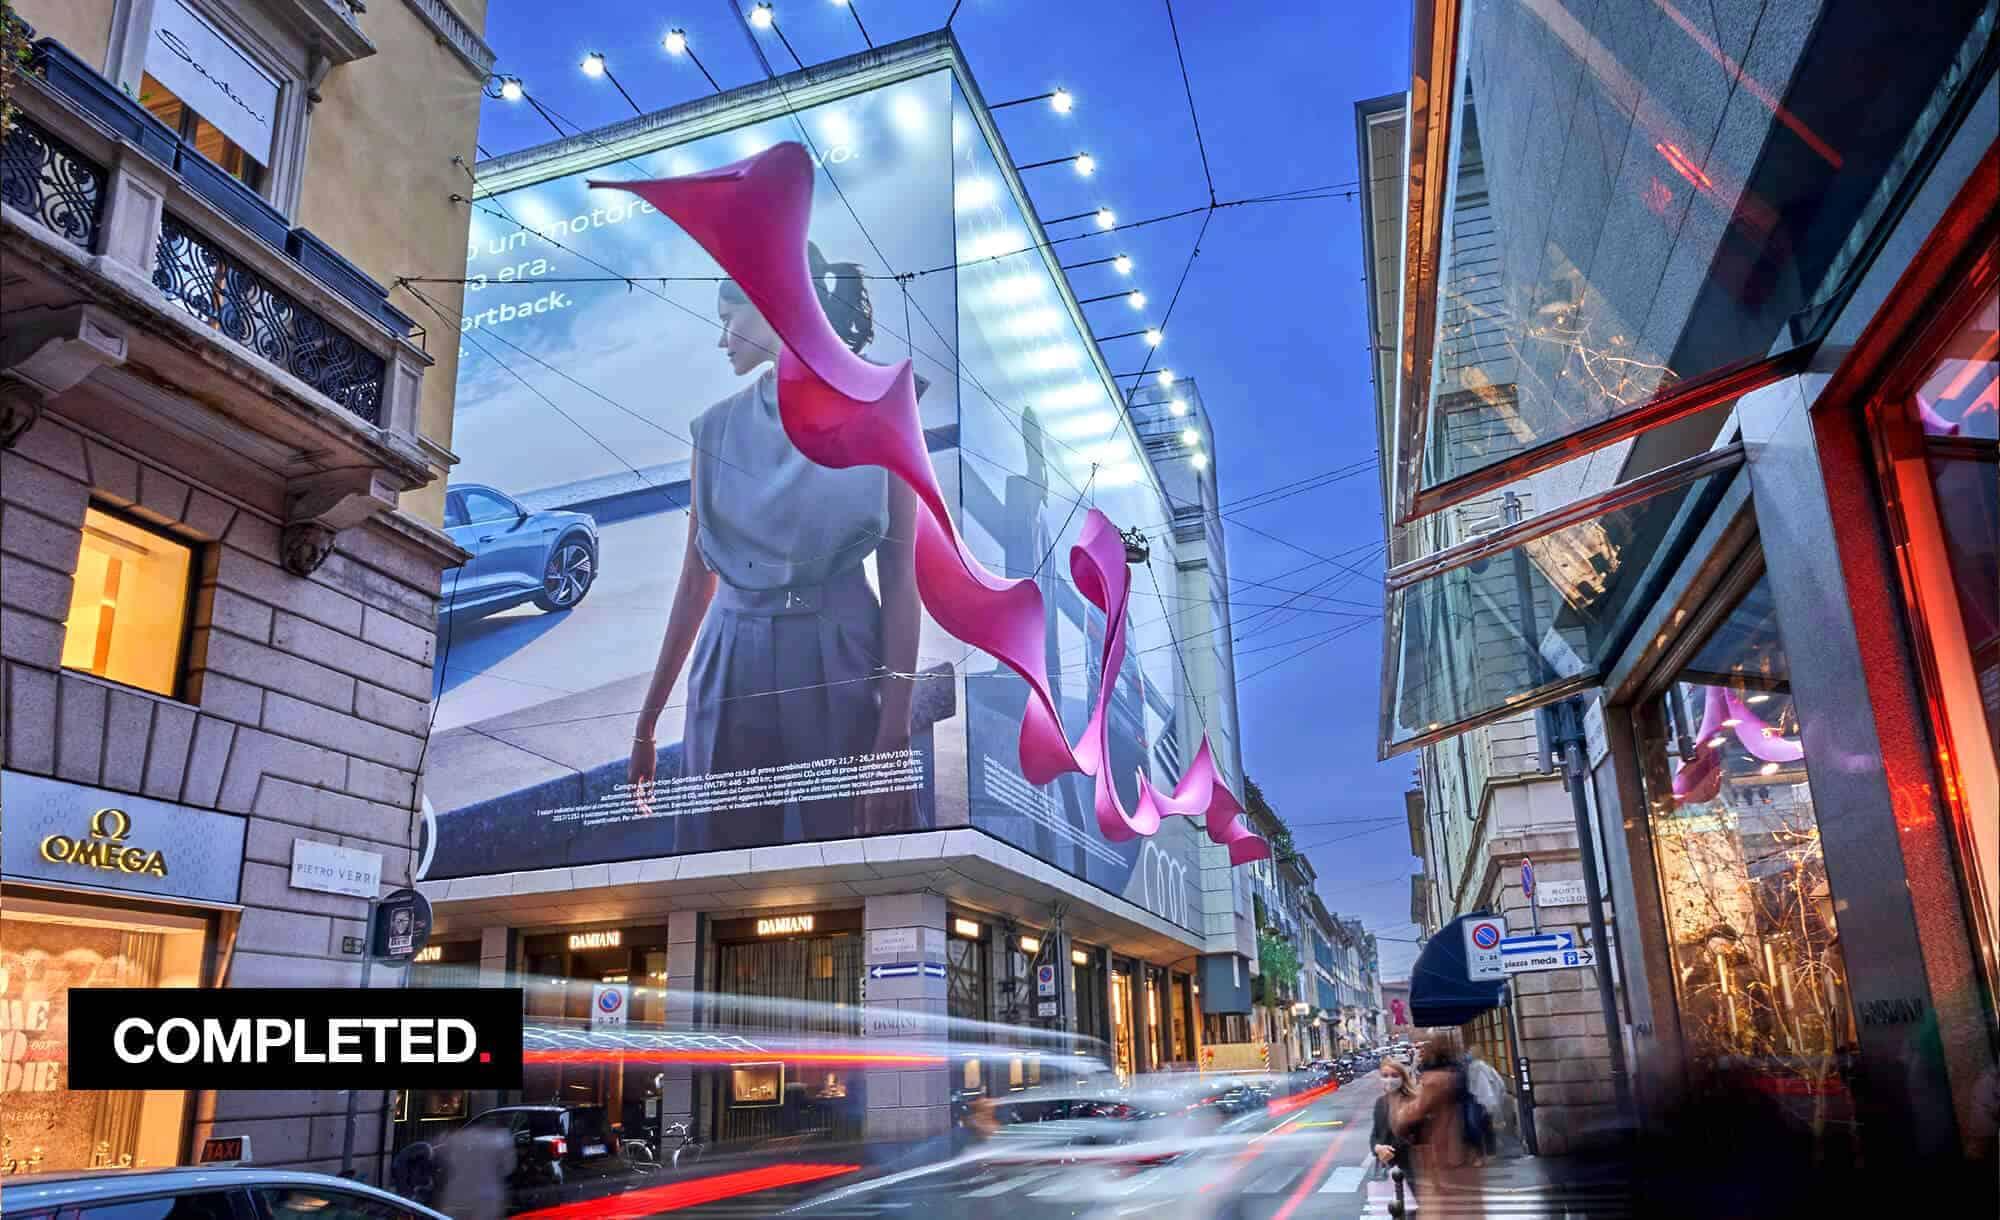 Maxi Affissione Streetvox in Via Monte Napoleone 10 a Milano con Audi (Automotive)